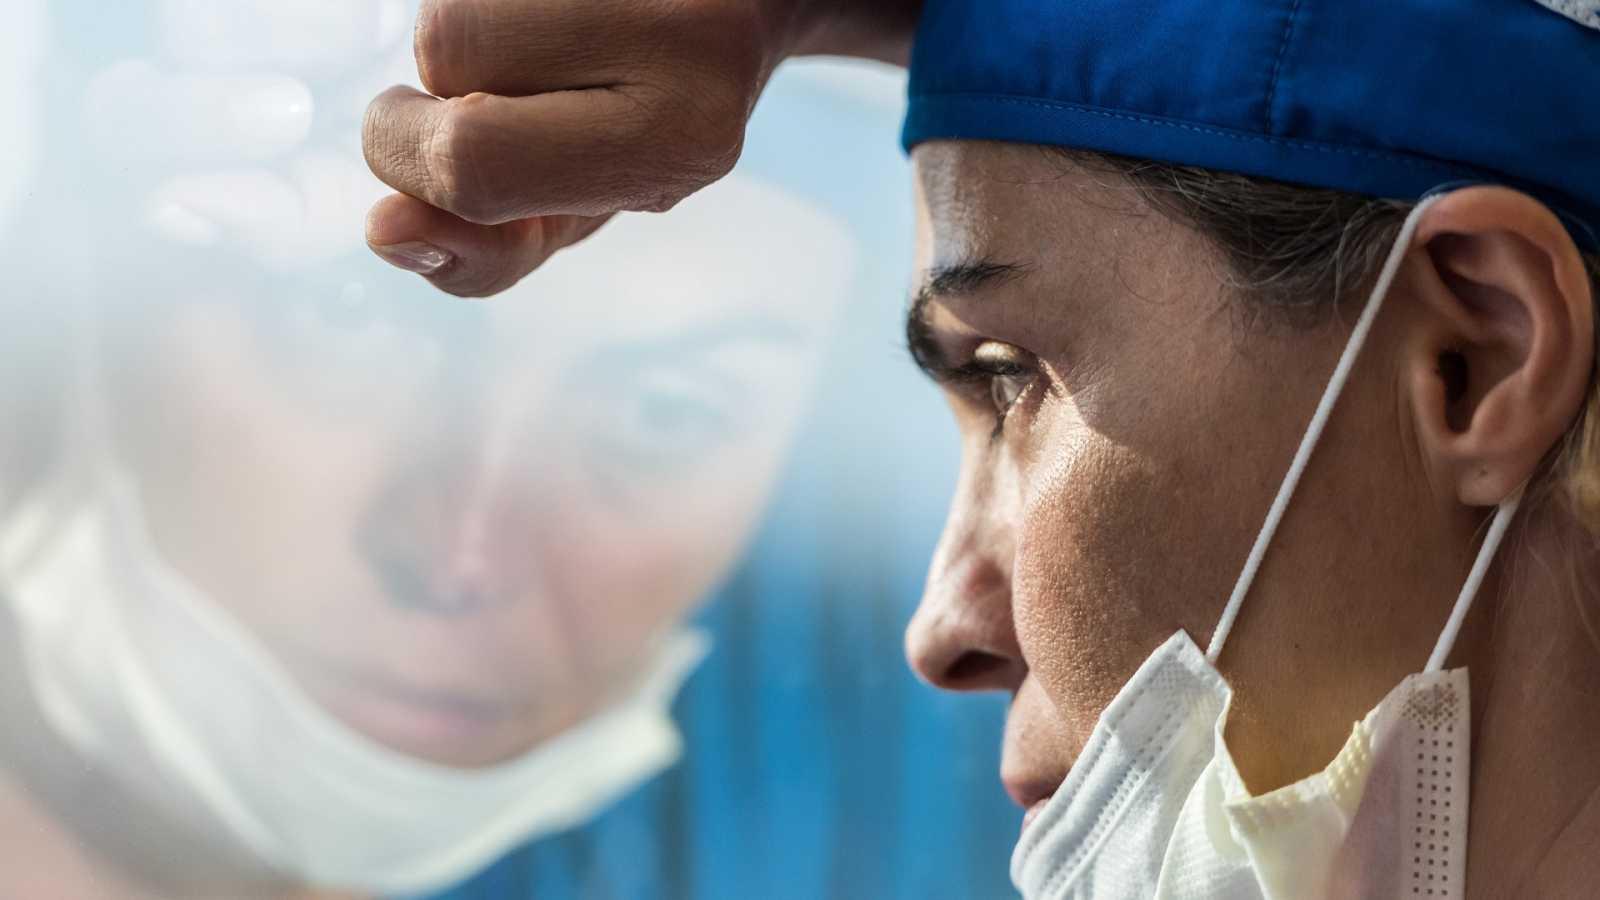 El estrés, la angustia o el temor se han convertido en cargas habituales para los enfermeros durante la crisis sanitaria.